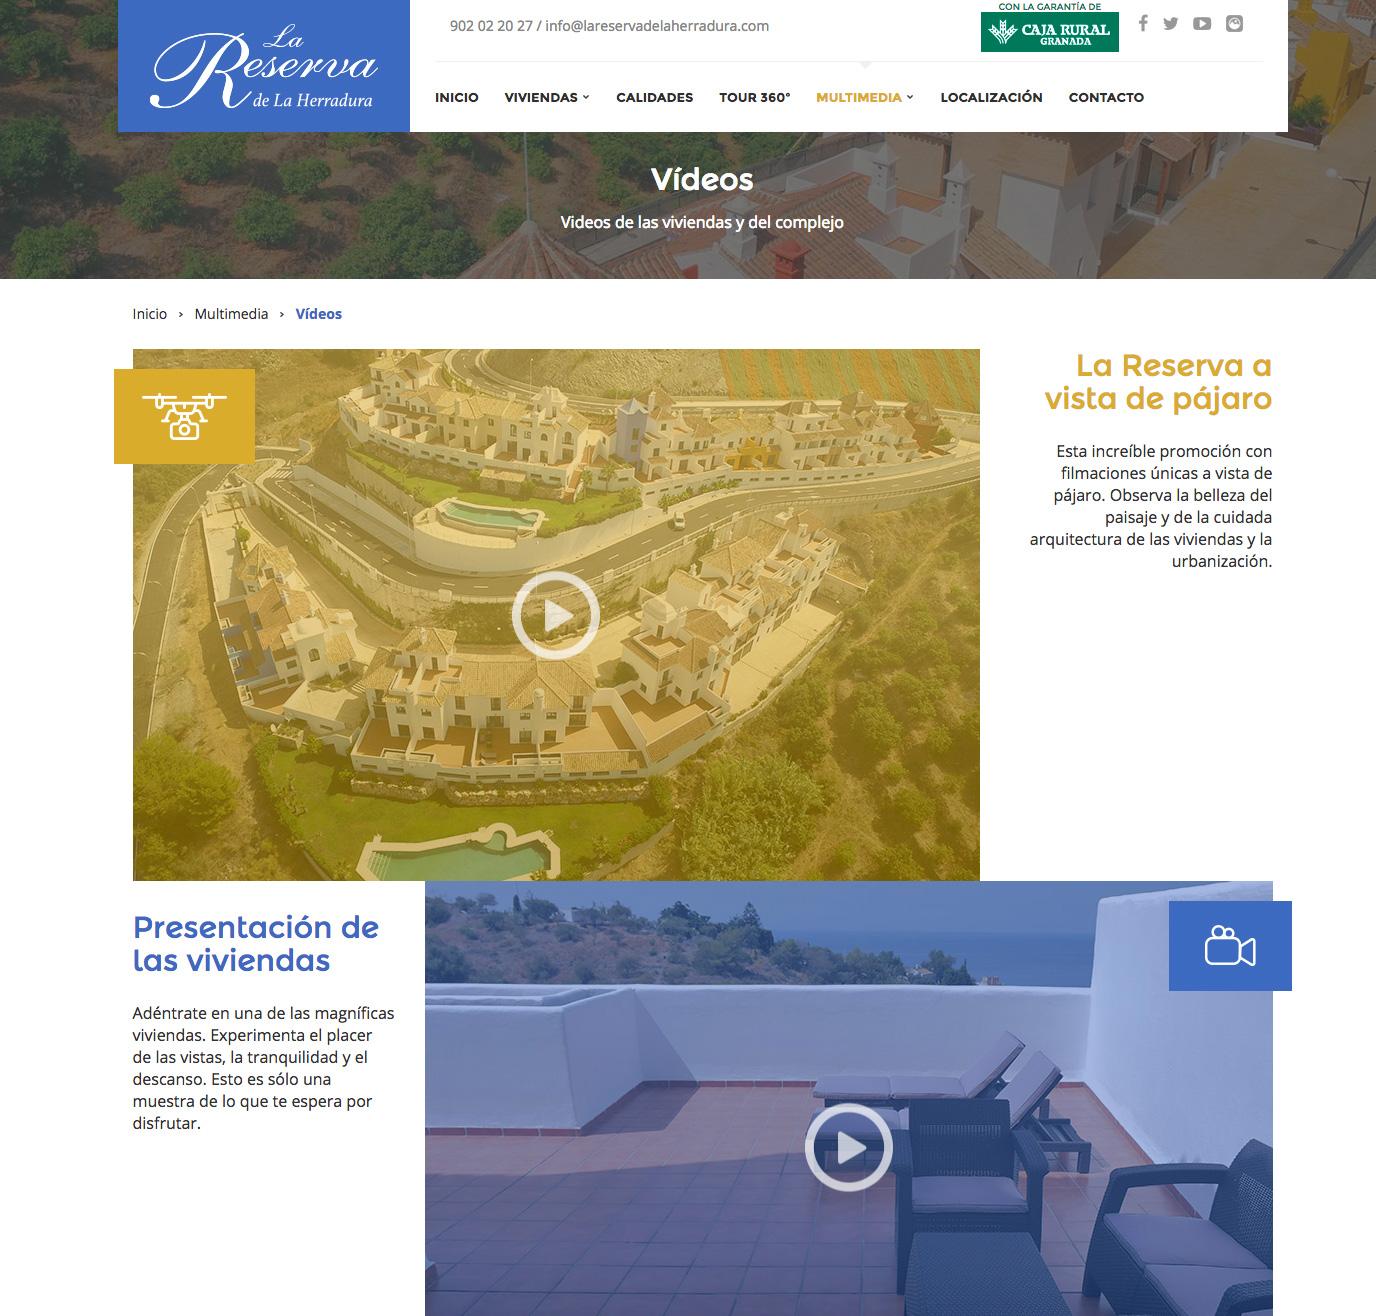 Imagen adicional 4 del proyecto La Reserva de la Herradura